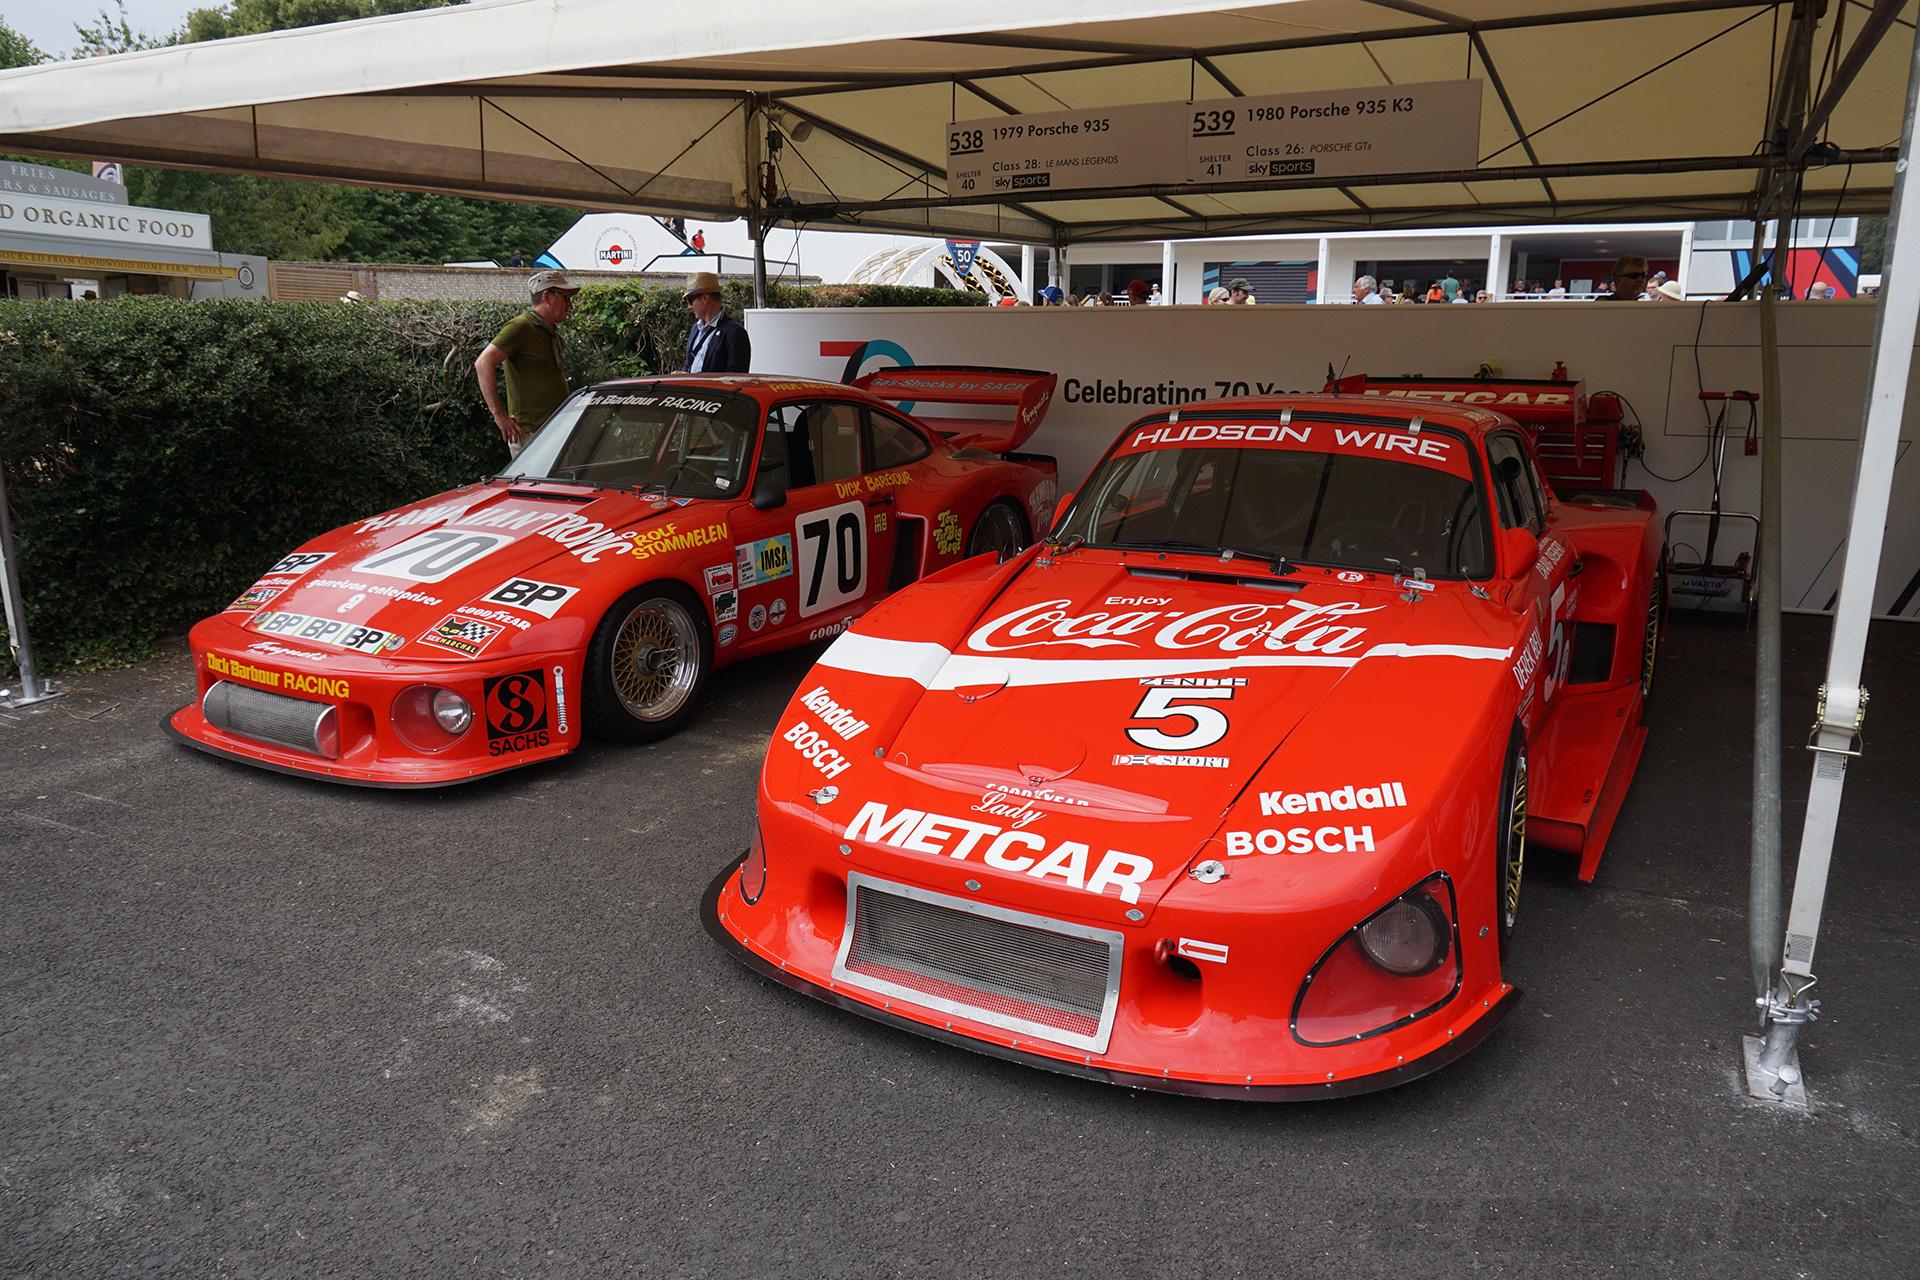 Goodwood FOS, Porsche 935 & 935 K3